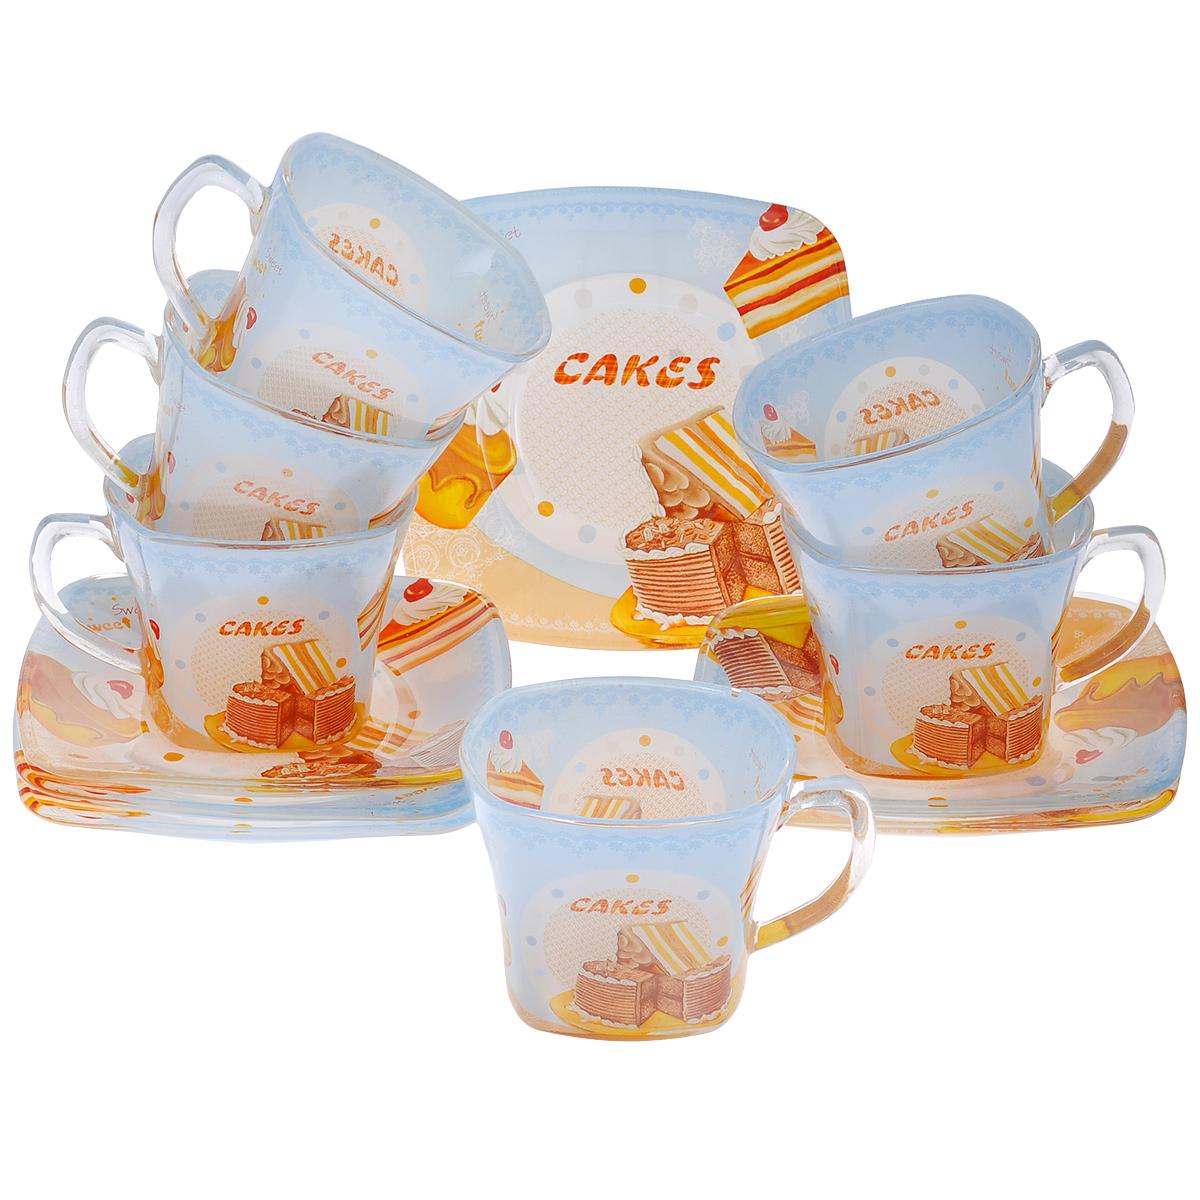 Набор посуды Сладкие кексы, 12 предметов10300Набор посуды состоит из 6 блюдец и 6 чашек. Изделия выполнены из высококачественного стекла и оформлены изображением кексов и других сладостей. Этот набор эффектно украсит стол, а также прекрасно подойдет для торжественных случаев. Красочность оформления придется по вкусу и ценителям классики, и тем, кто предпочитает утонченность и изящность.